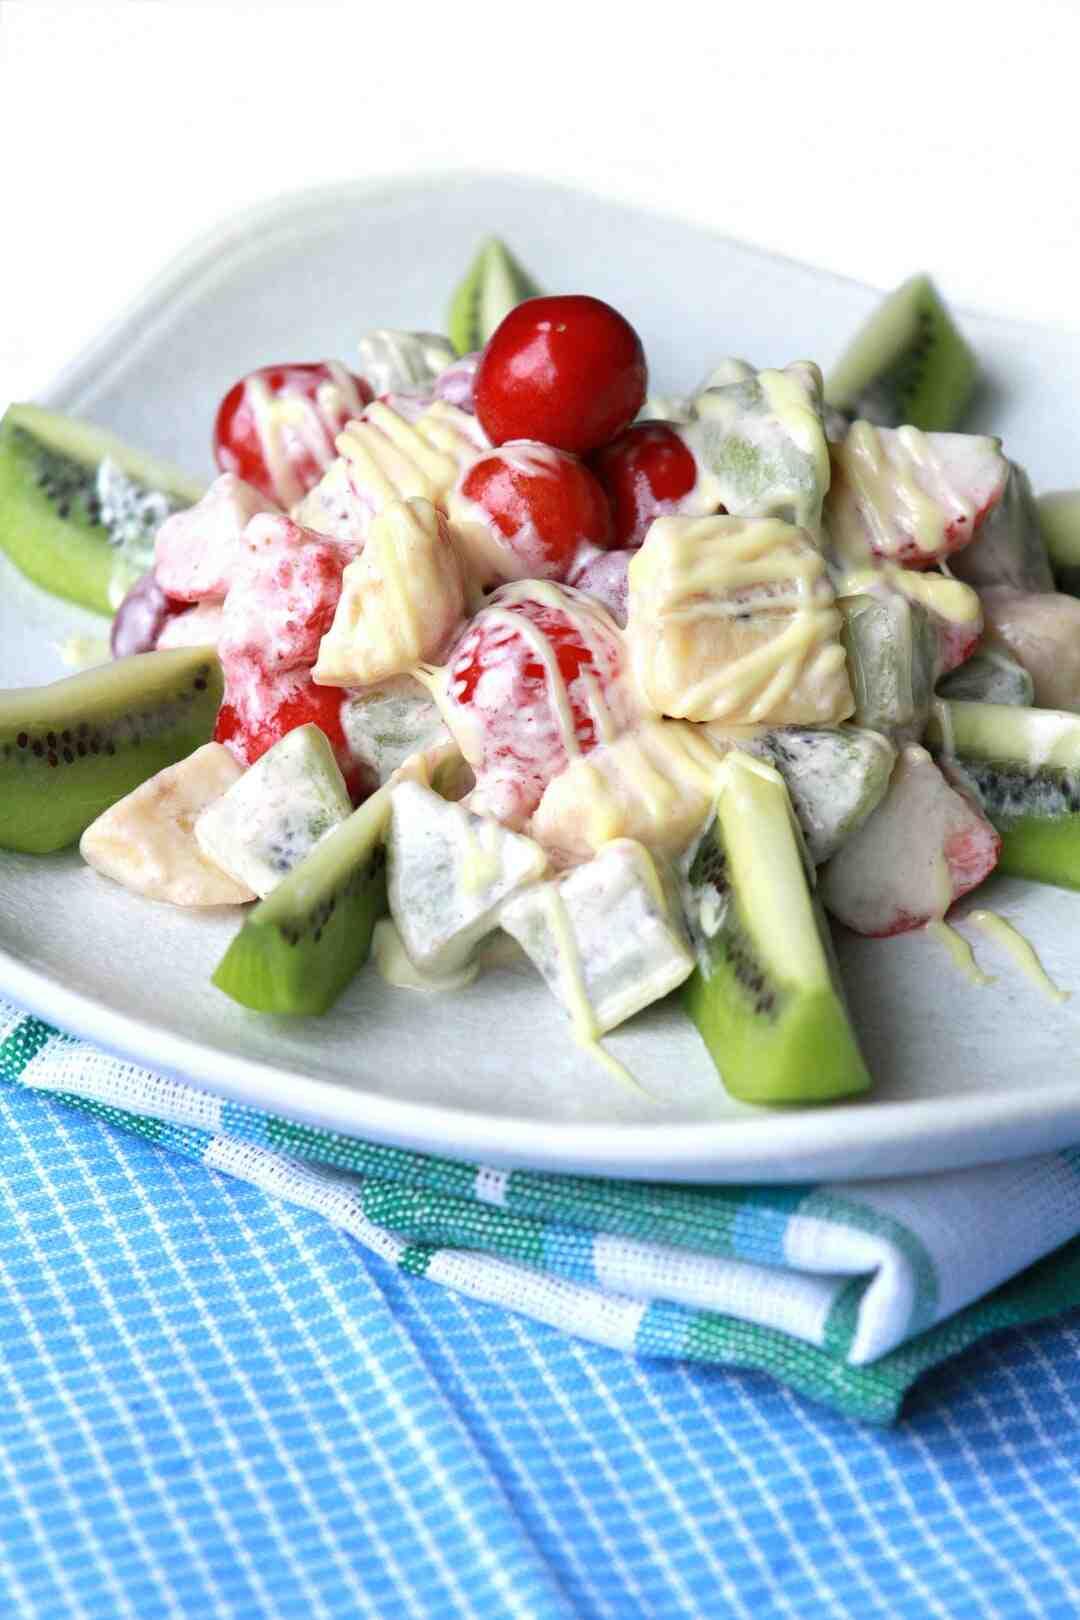 Comment conserver une salade de fruits maison ?